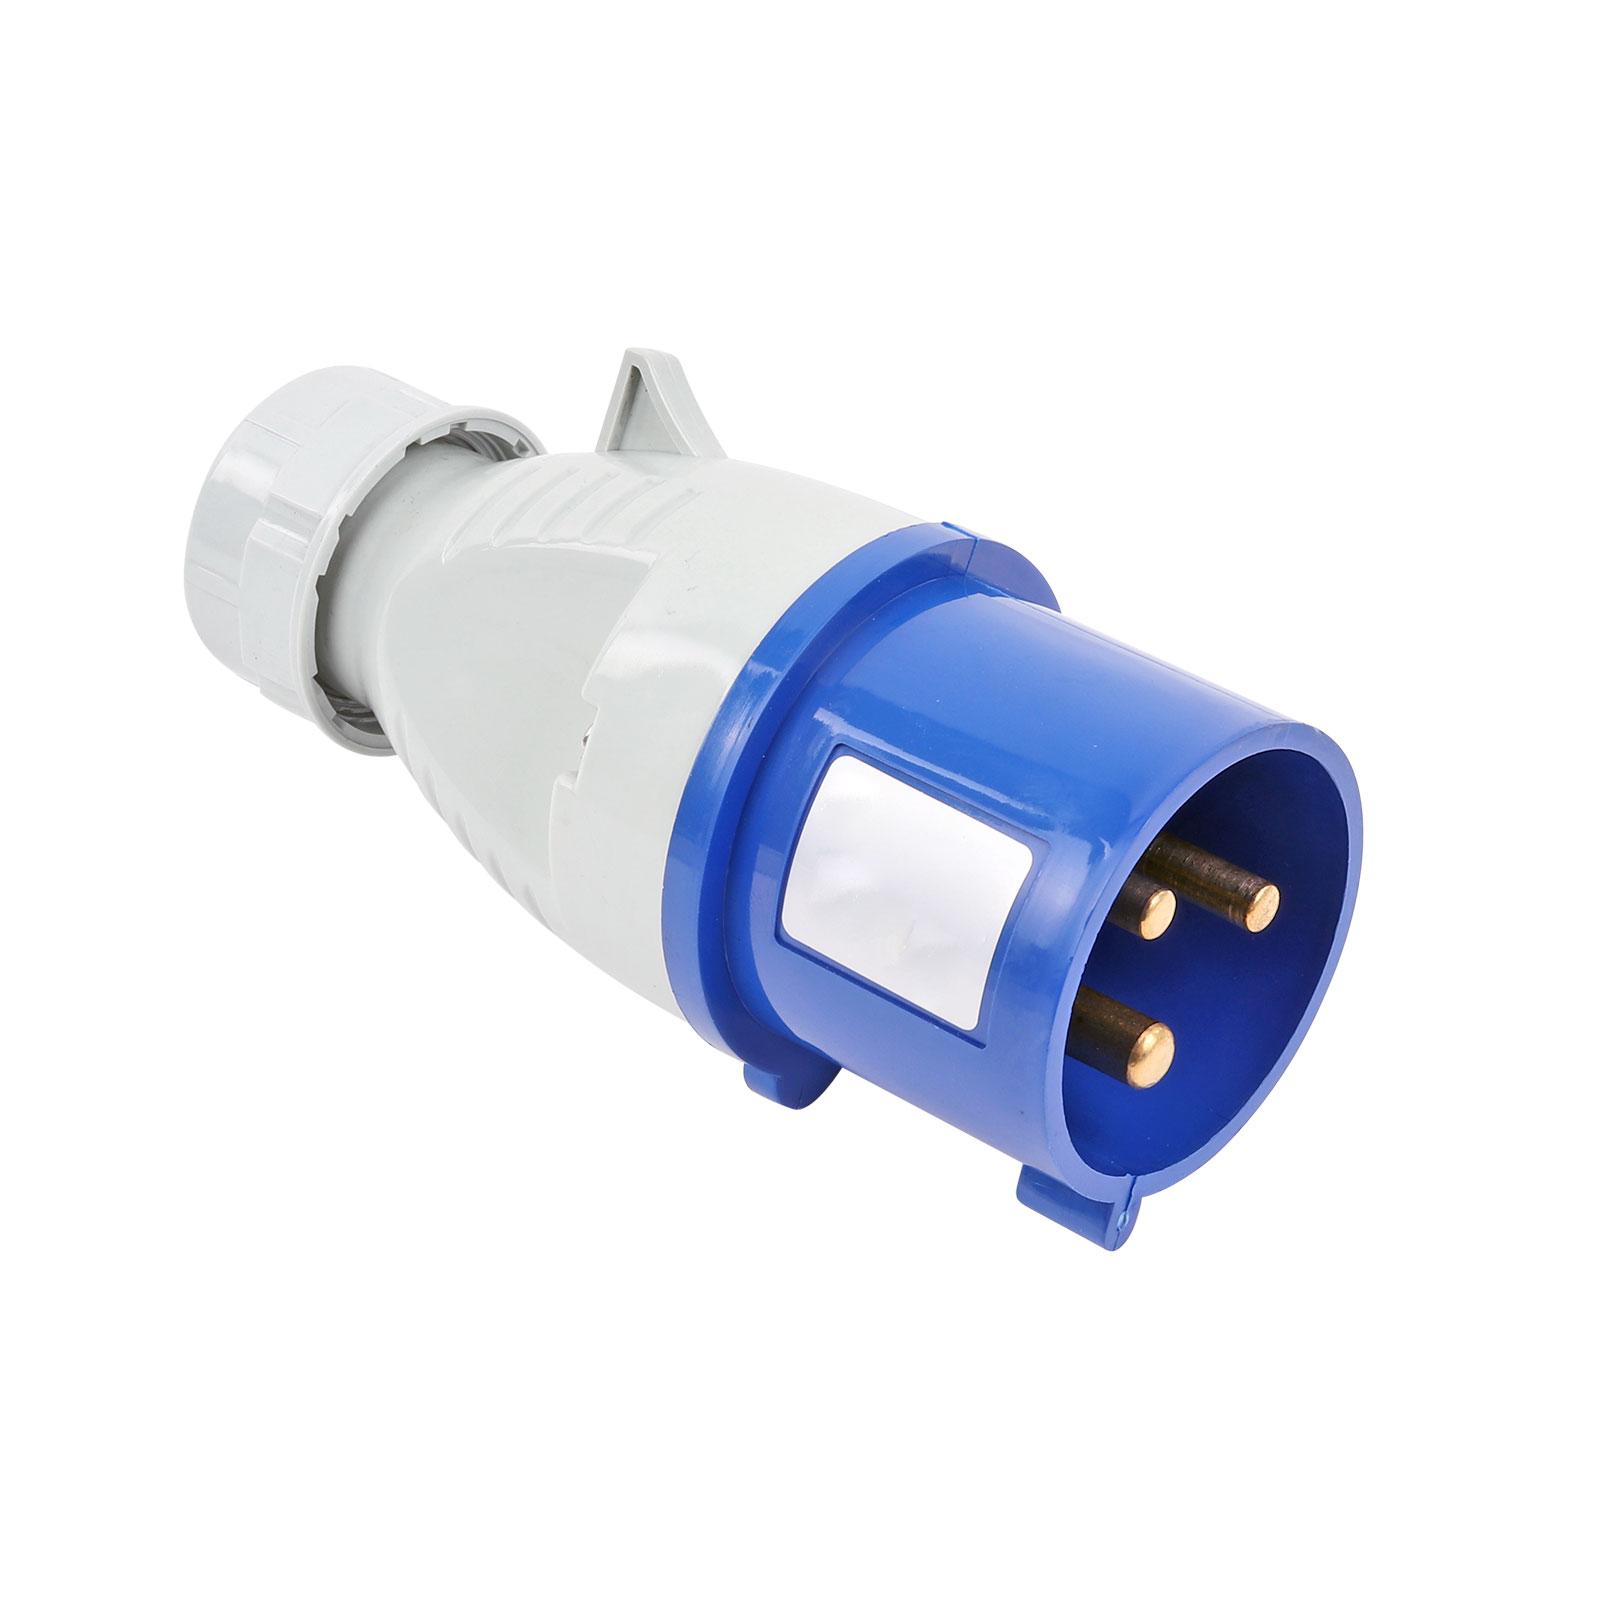 CEE Stecker | CEE 3 Polig | 240V 32A | Blau | IP44 |